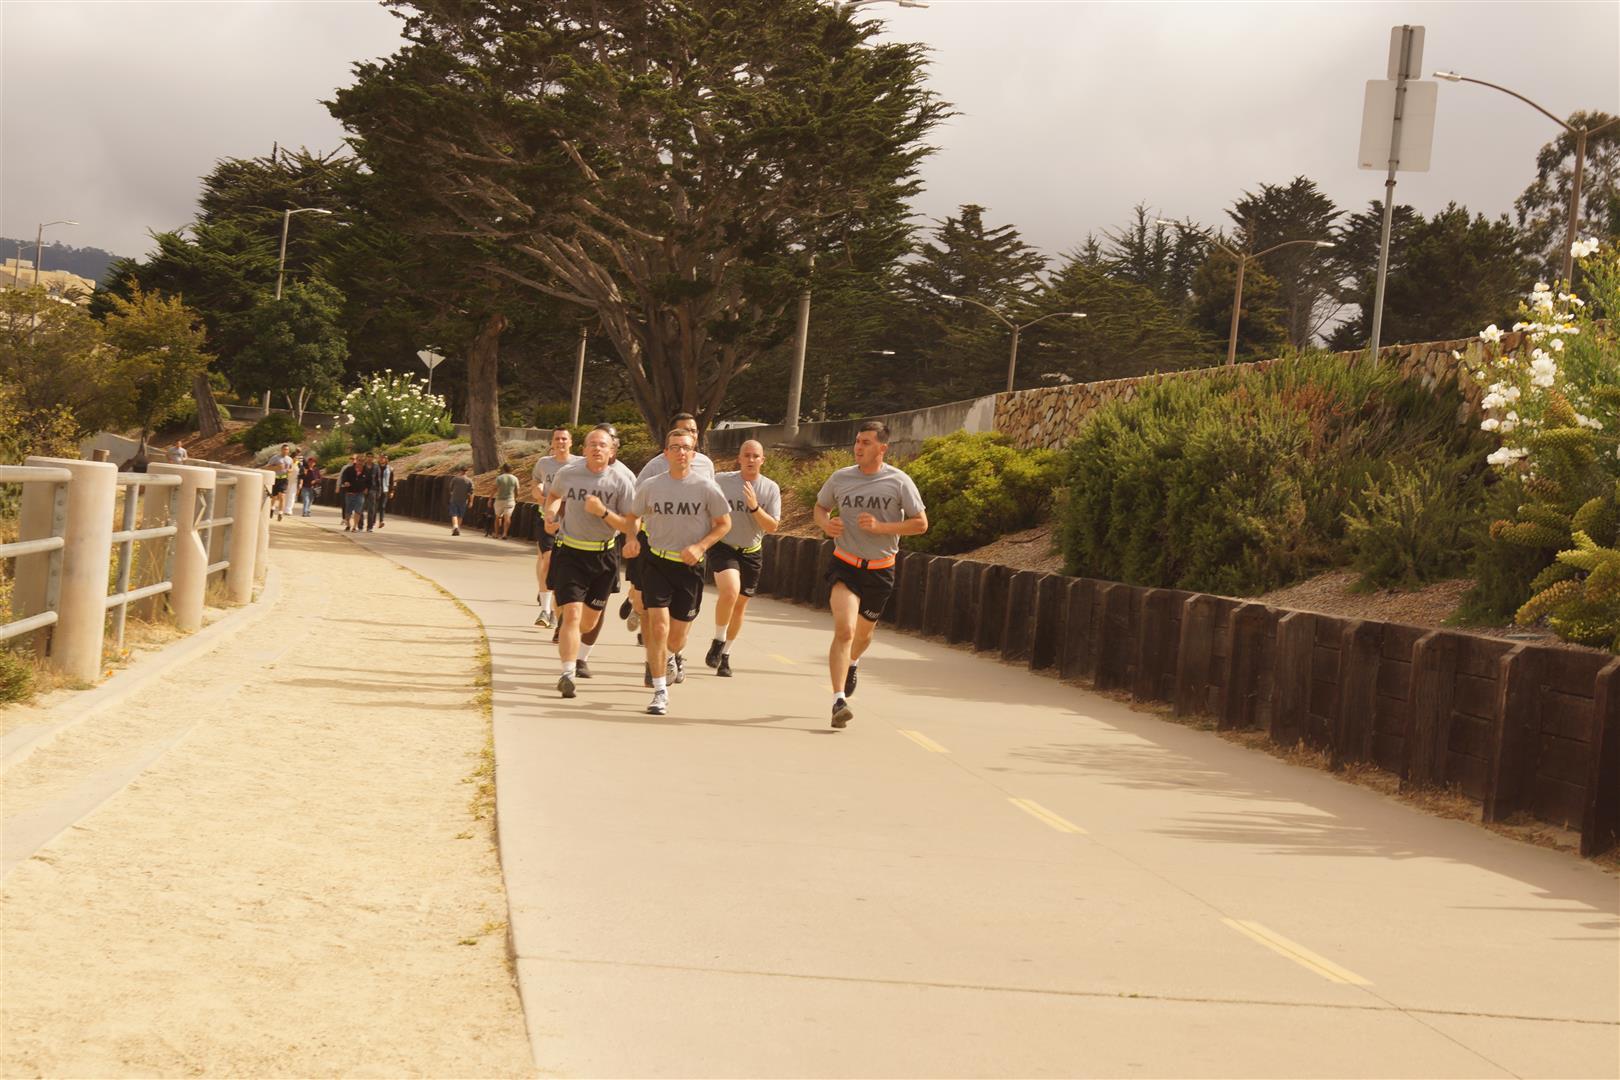 Einen Army-Stützpunkt gab es in Monterey auch. Hier die Jungs beim Joggen.